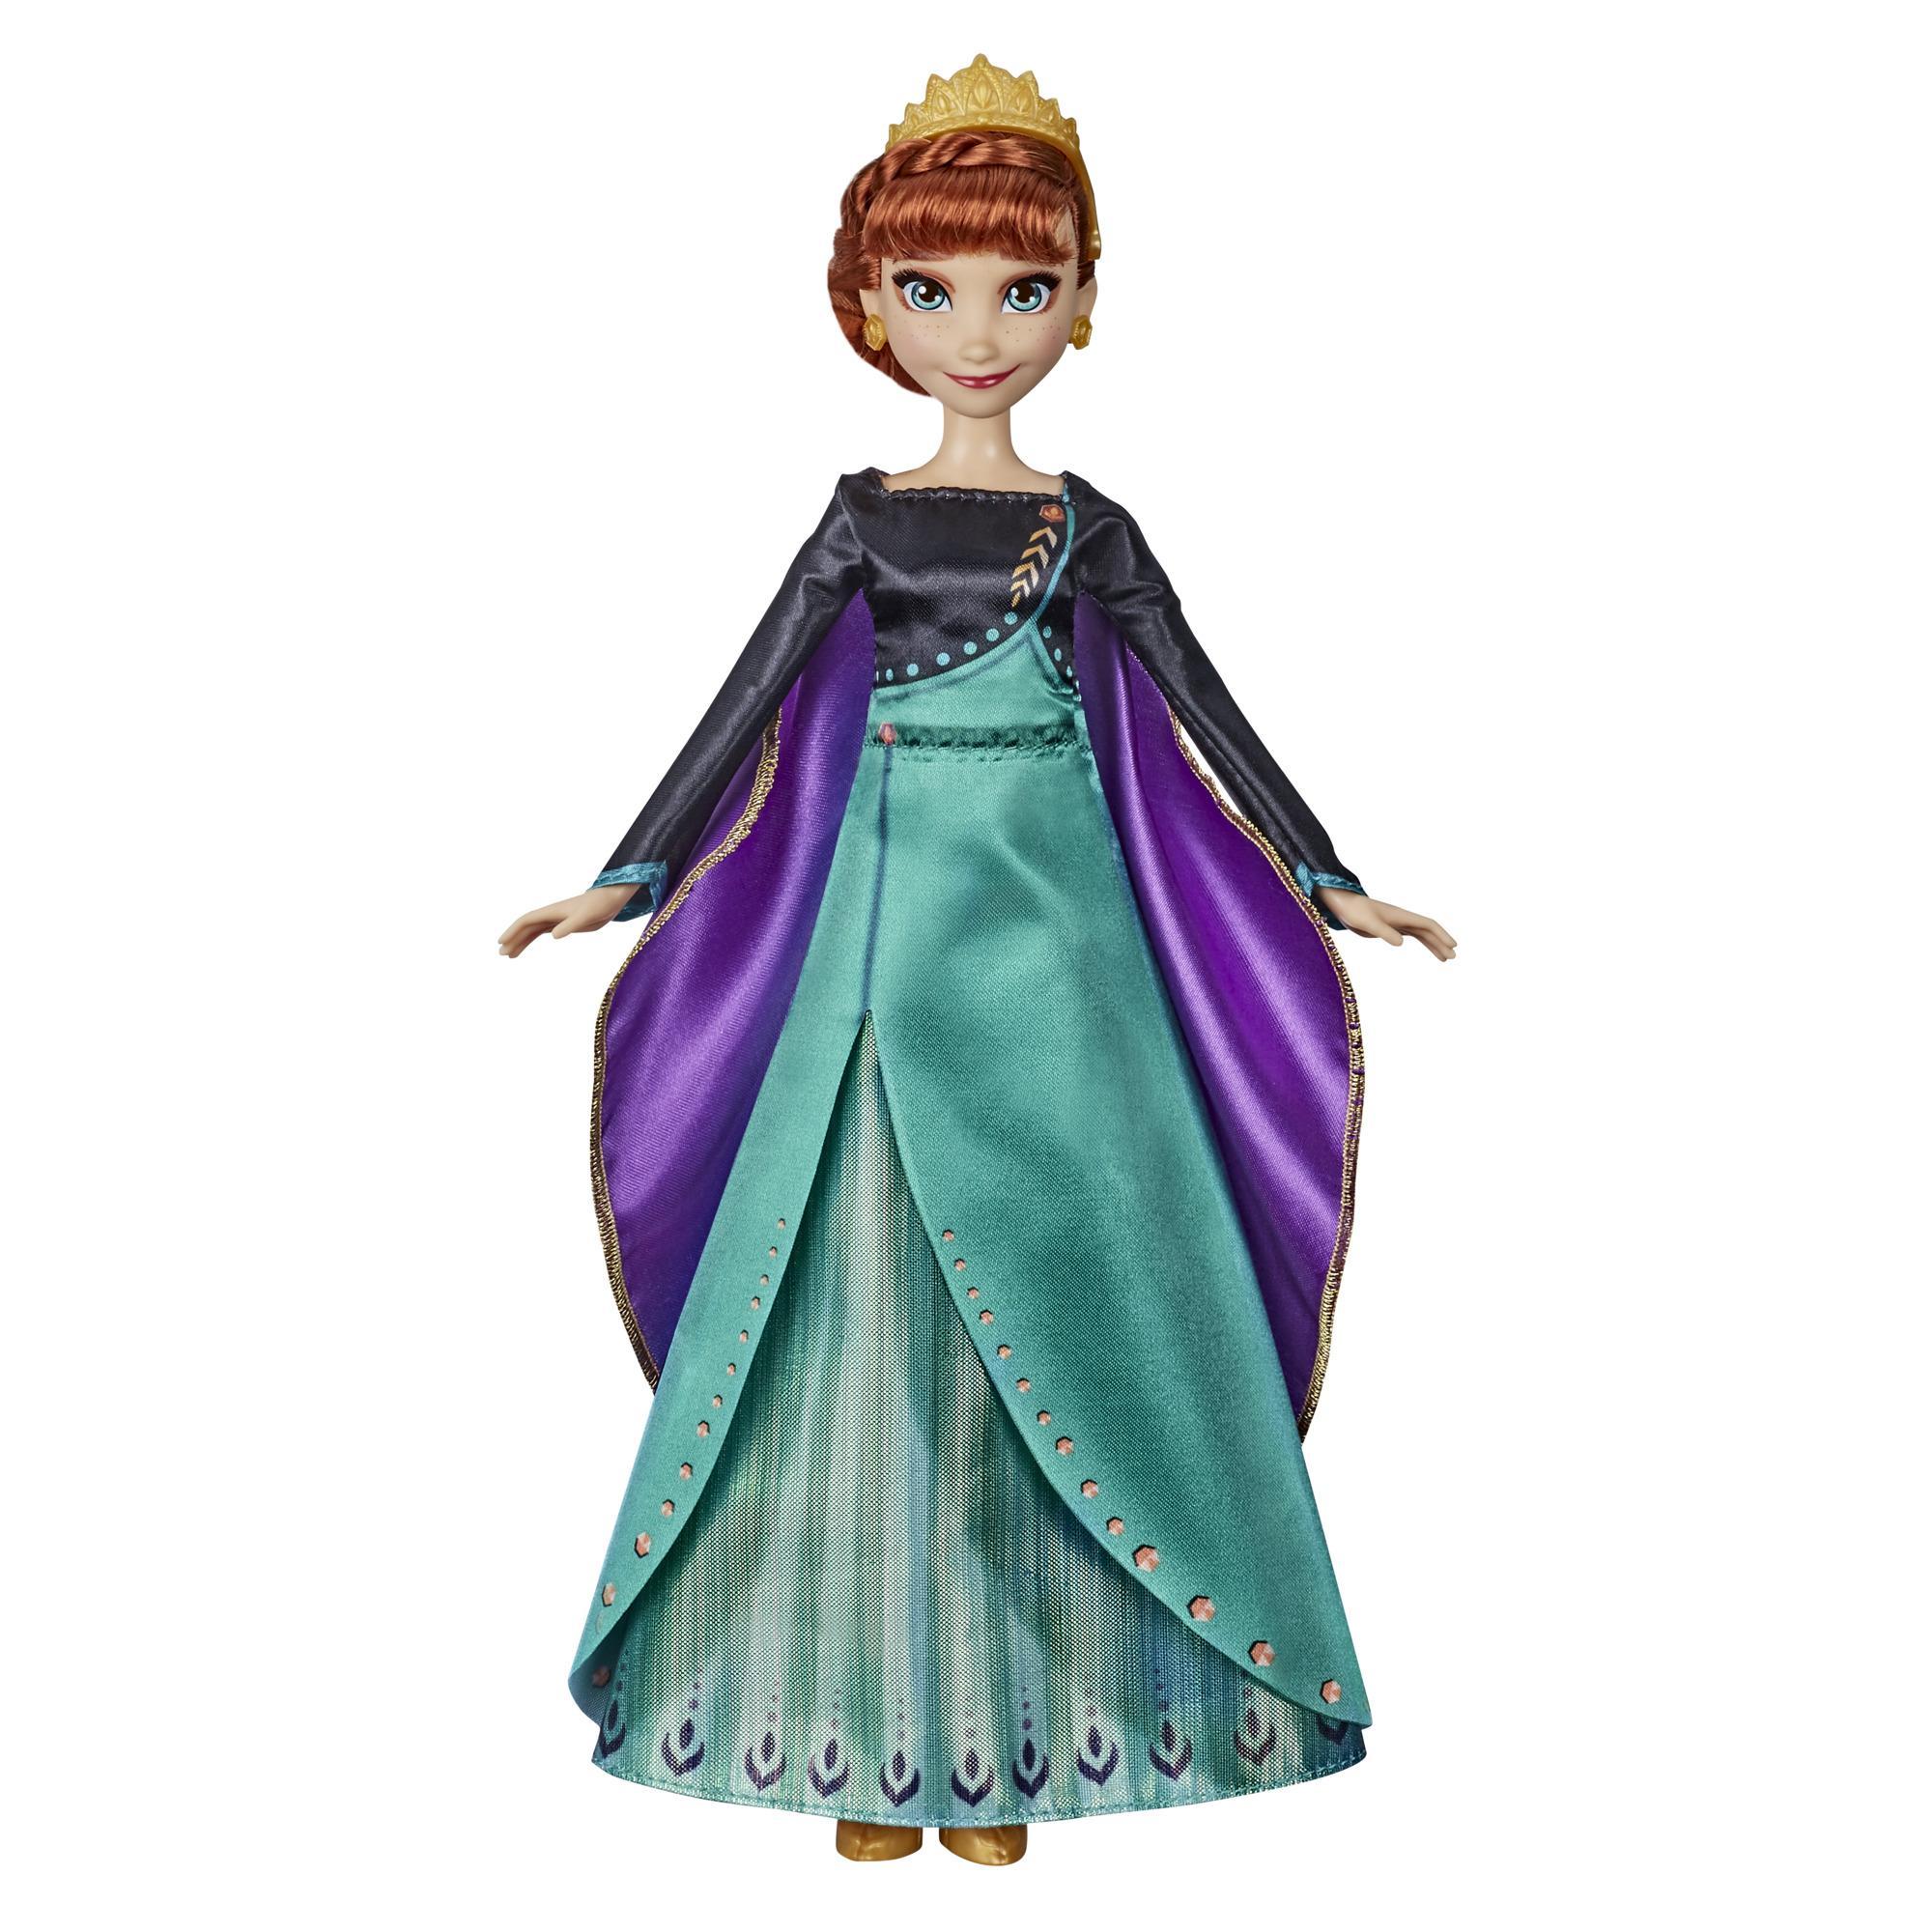 Disney Frozen Anna Aventura musical - Muñeca que canta la canción